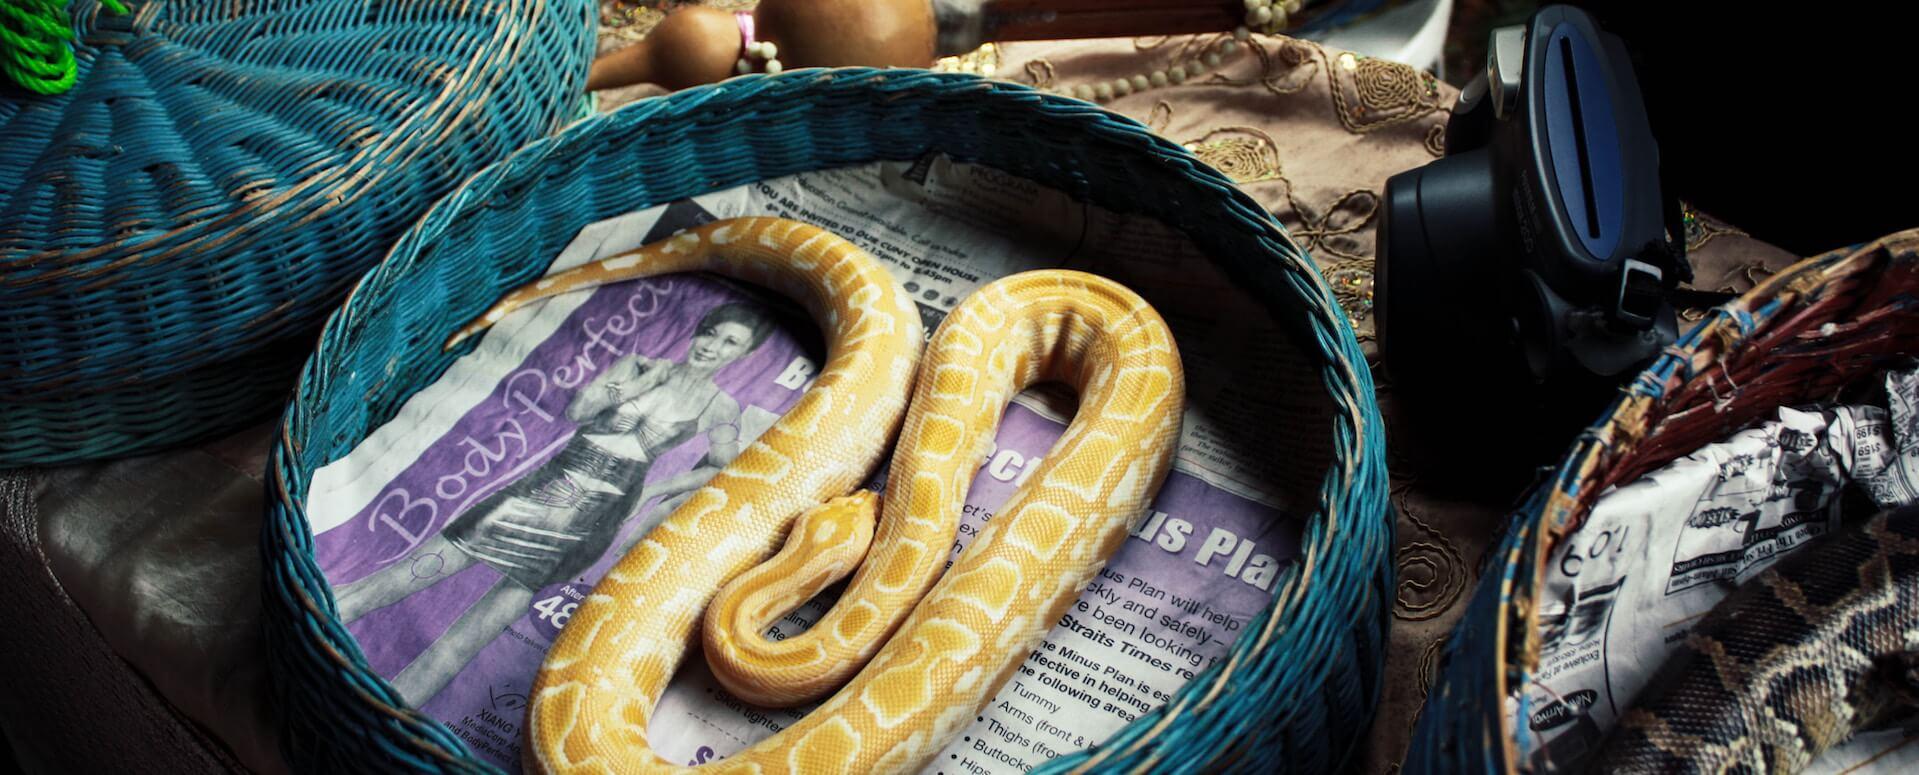 Spectacle de serpents - Phuket